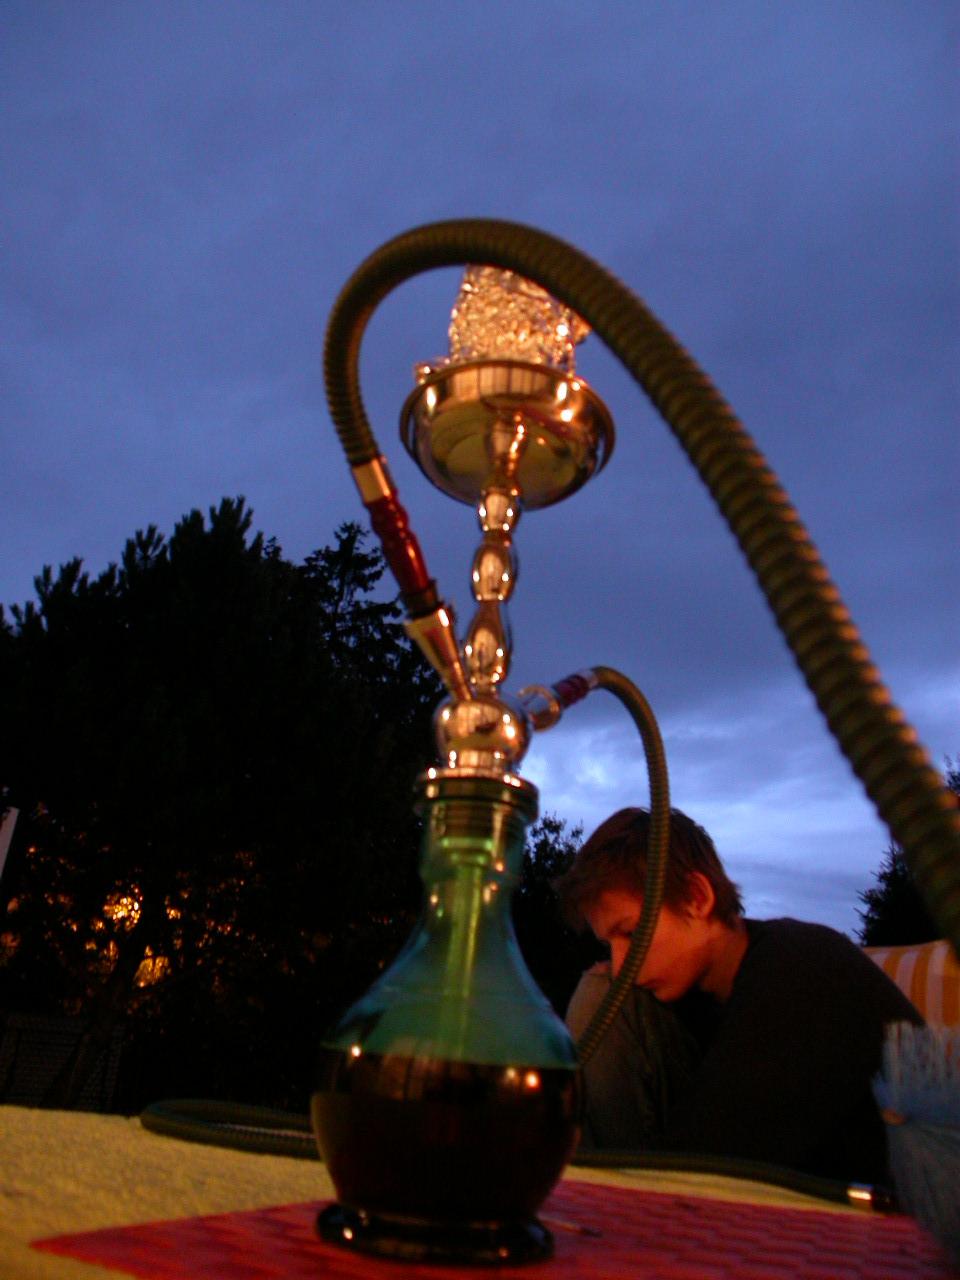 Kouření vodní dýmky je rituální ale škodlivou záležitostí, Zdroj: http://commons.wikimedia.org/